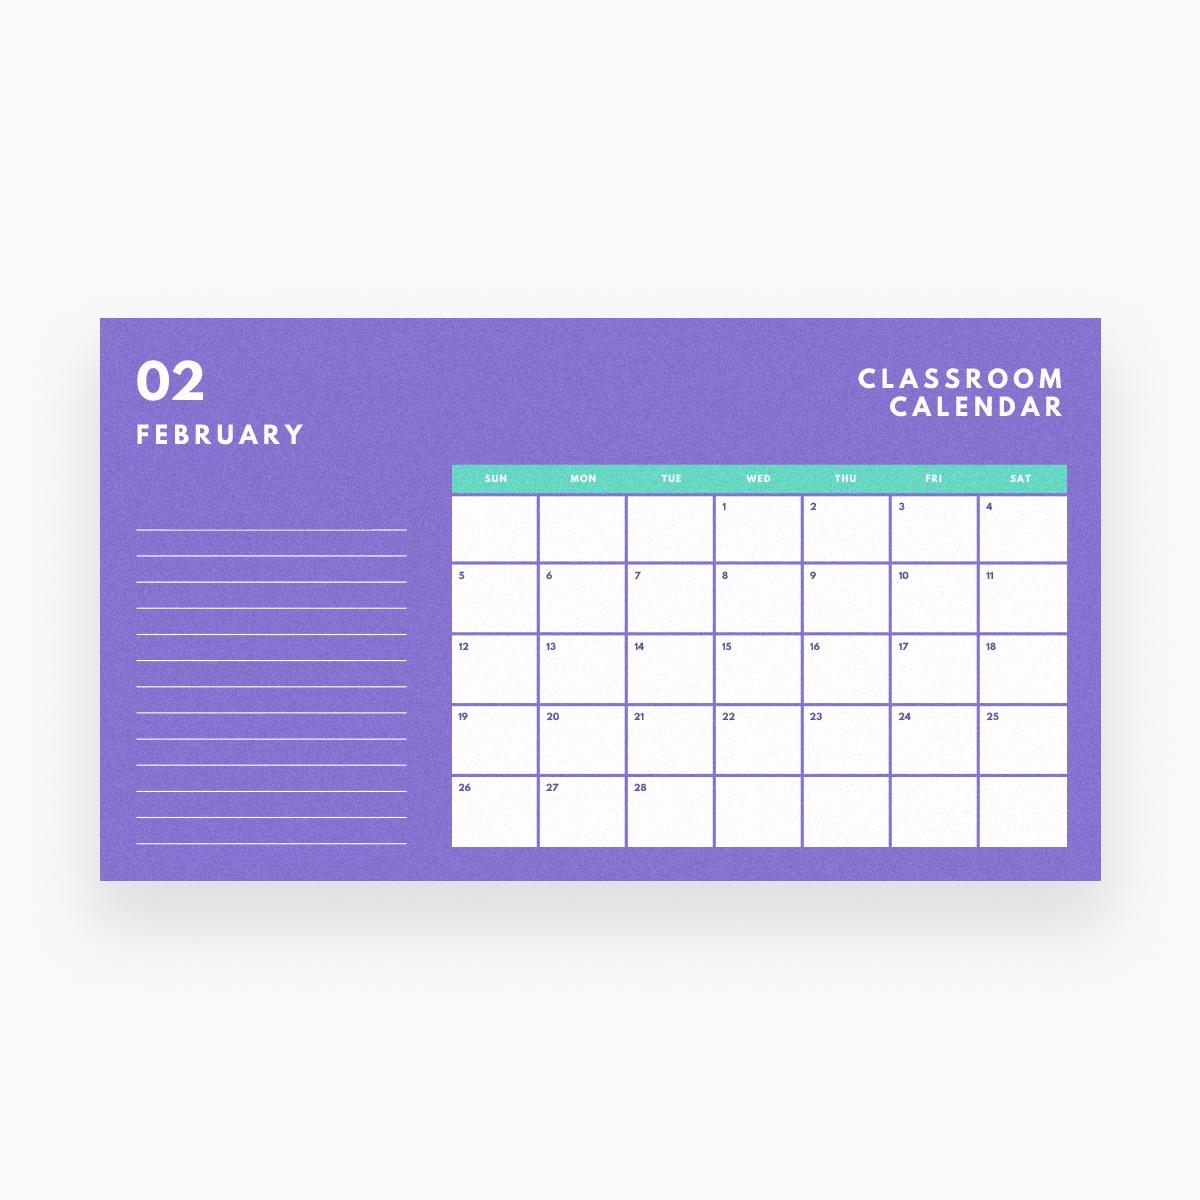 Free Online Calendar Maker: Design A Custom Calendar - Canva Calendar Template Add Your Own Photos